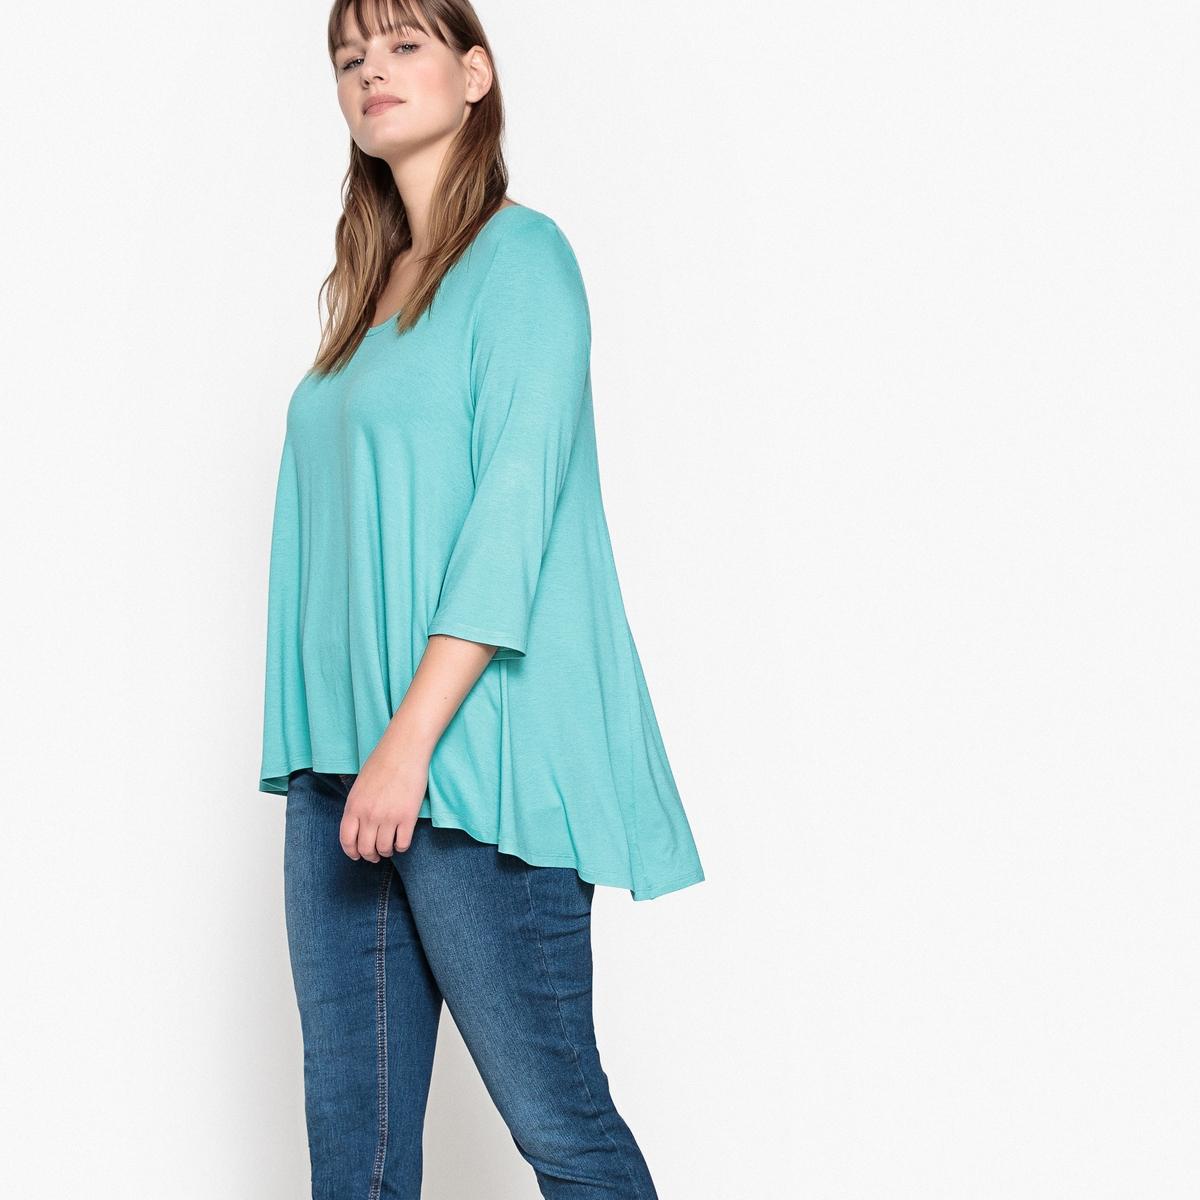 Футболка свободного покрояФутболка. Вам будет удобно в этой футболке широкого покроя с удлиненной спинкой и свободным круглым вырезом. Рукава 3/4. Футболка из мягкого эластичного трикотажа: 95% вискозы, 5% эластана. Длина : 75 см.<br><br>Цвет: розовый пурпурный,темно-серый меланж,черный<br>Размер: 62/64 (FR) - 68/70 (RUS).42/44 (FR) - 48/50 (RUS).46/48 (FR) - 52/54 (RUS).54/56 (FR) - 60/62 (RUS).58/60 (FR) - 64/66 (RUS).50/52 (FR) - 56/58 (RUS).54/56 (FR) - 60/62 (RUS).58/60 (FR) - 64/66 (RUS)